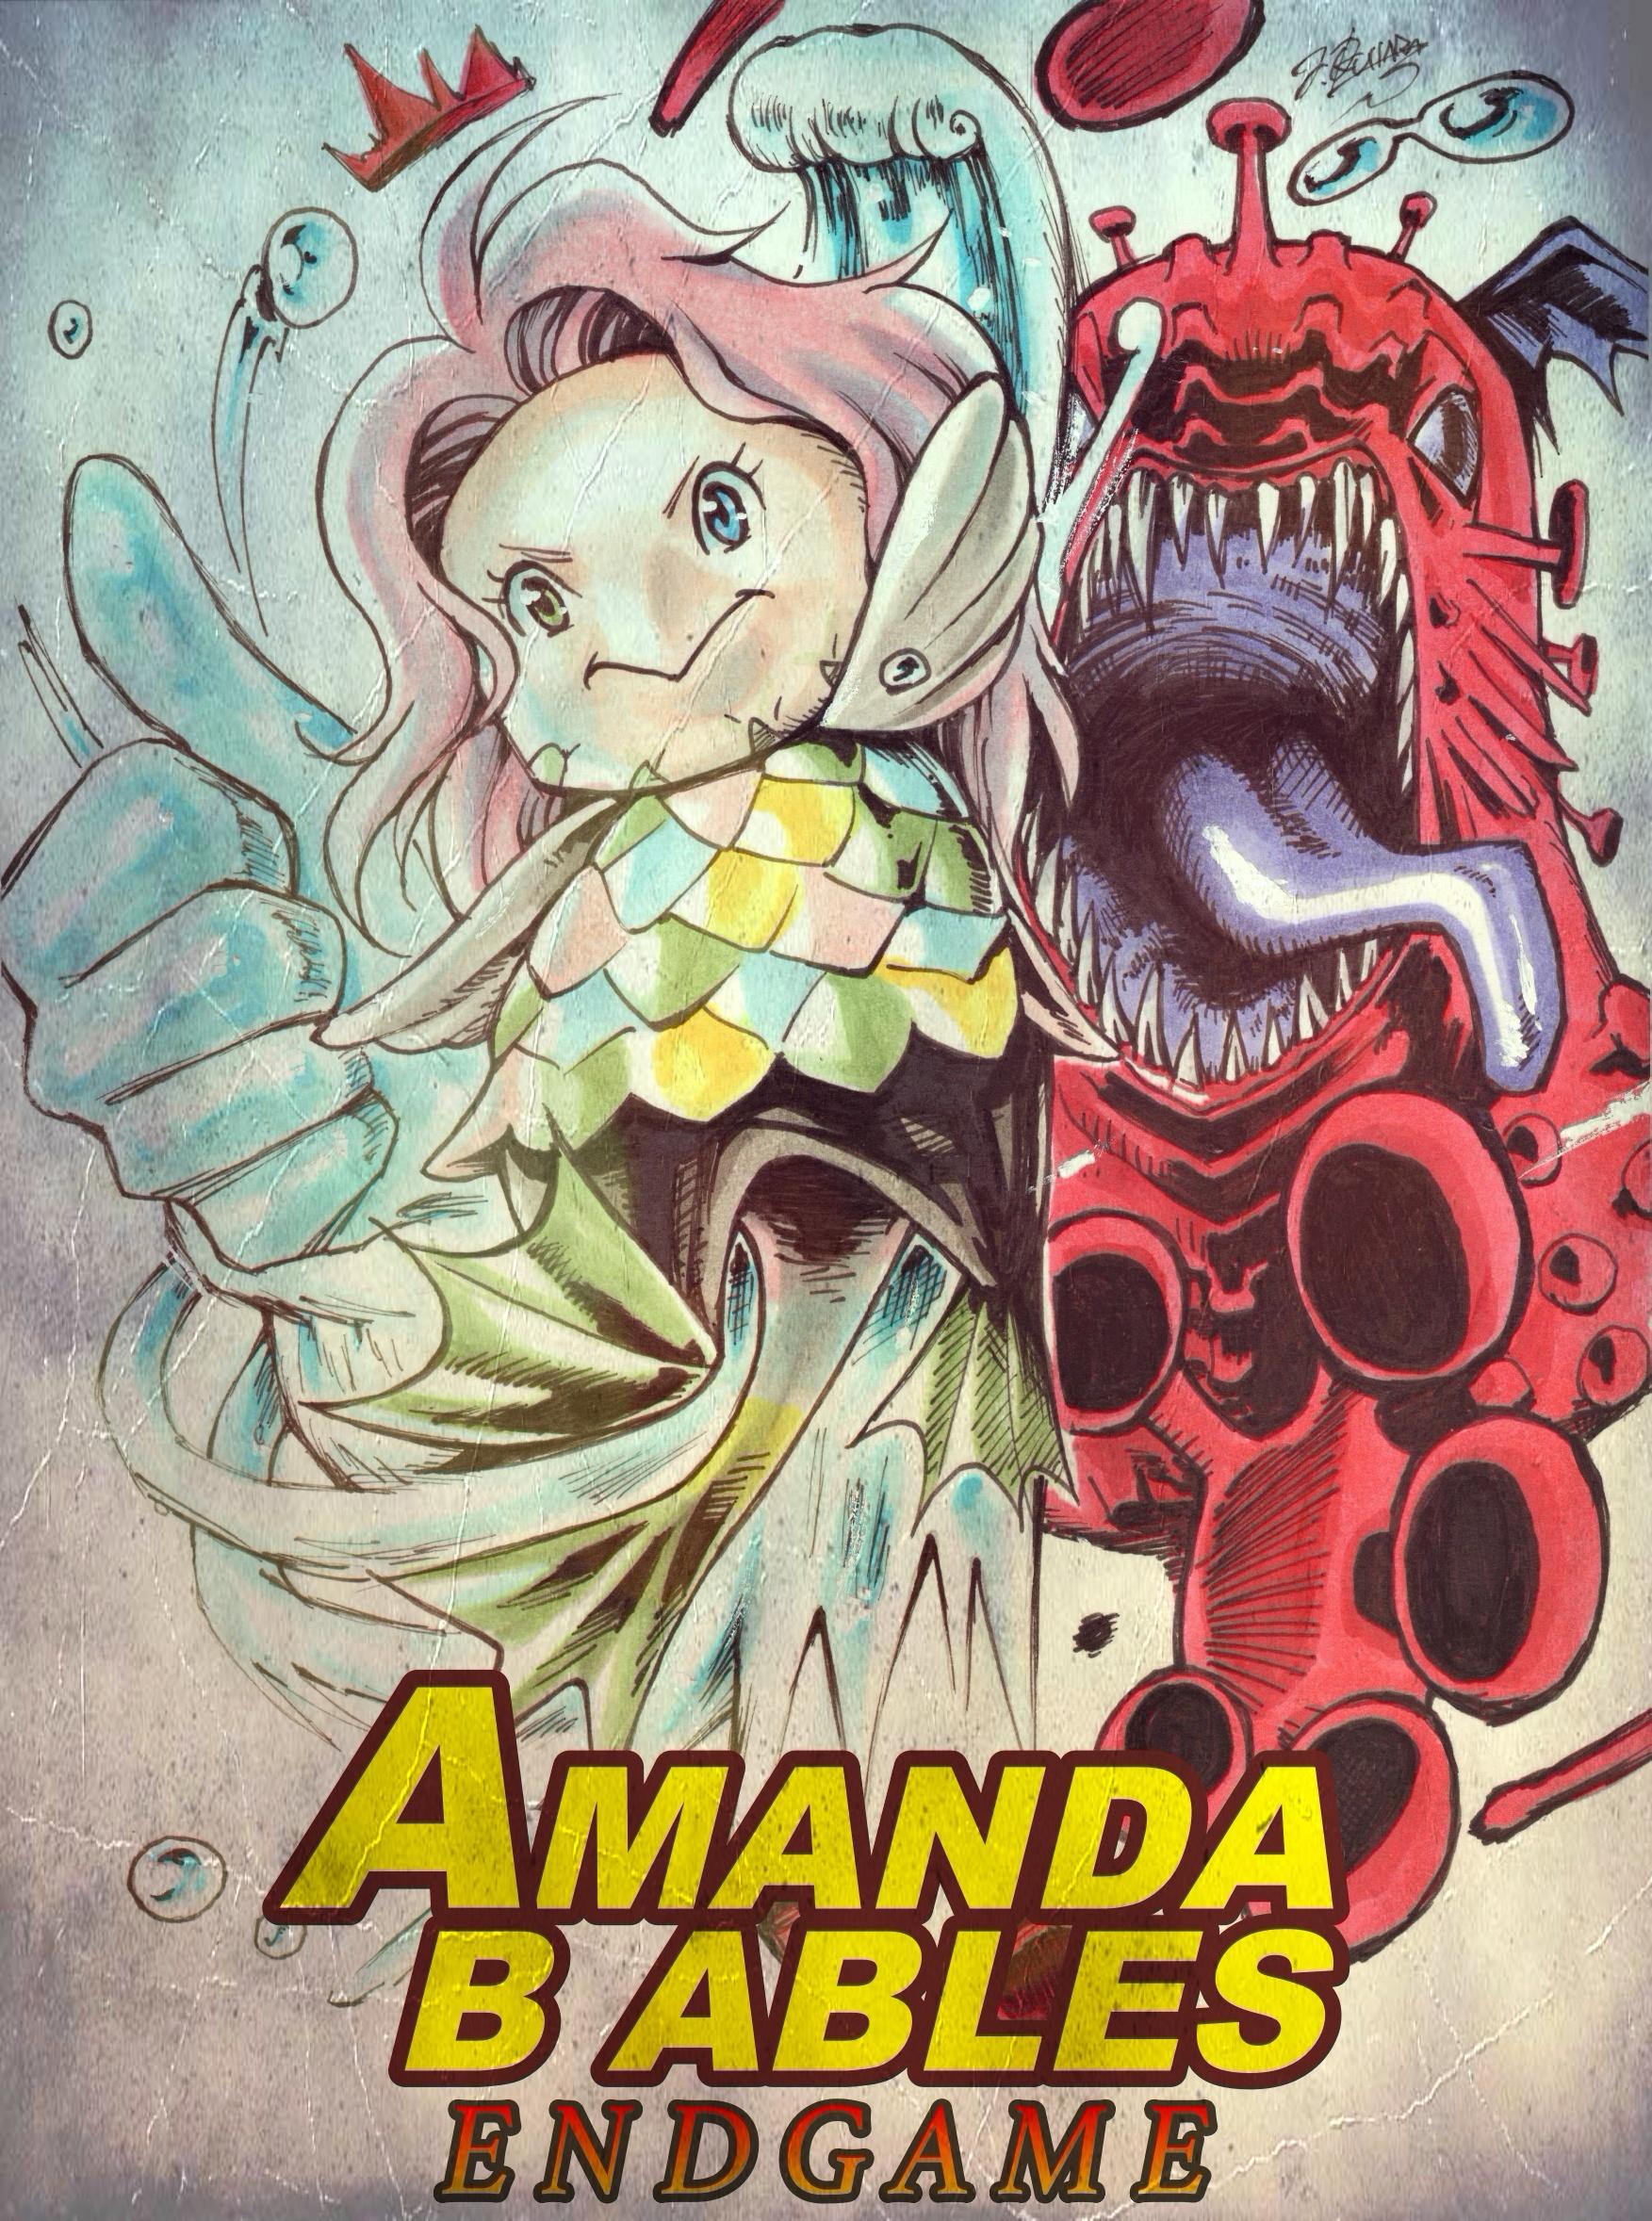 【アマビエチャレンジ】アマンダ・B・エイブルズ/エンドゲーム